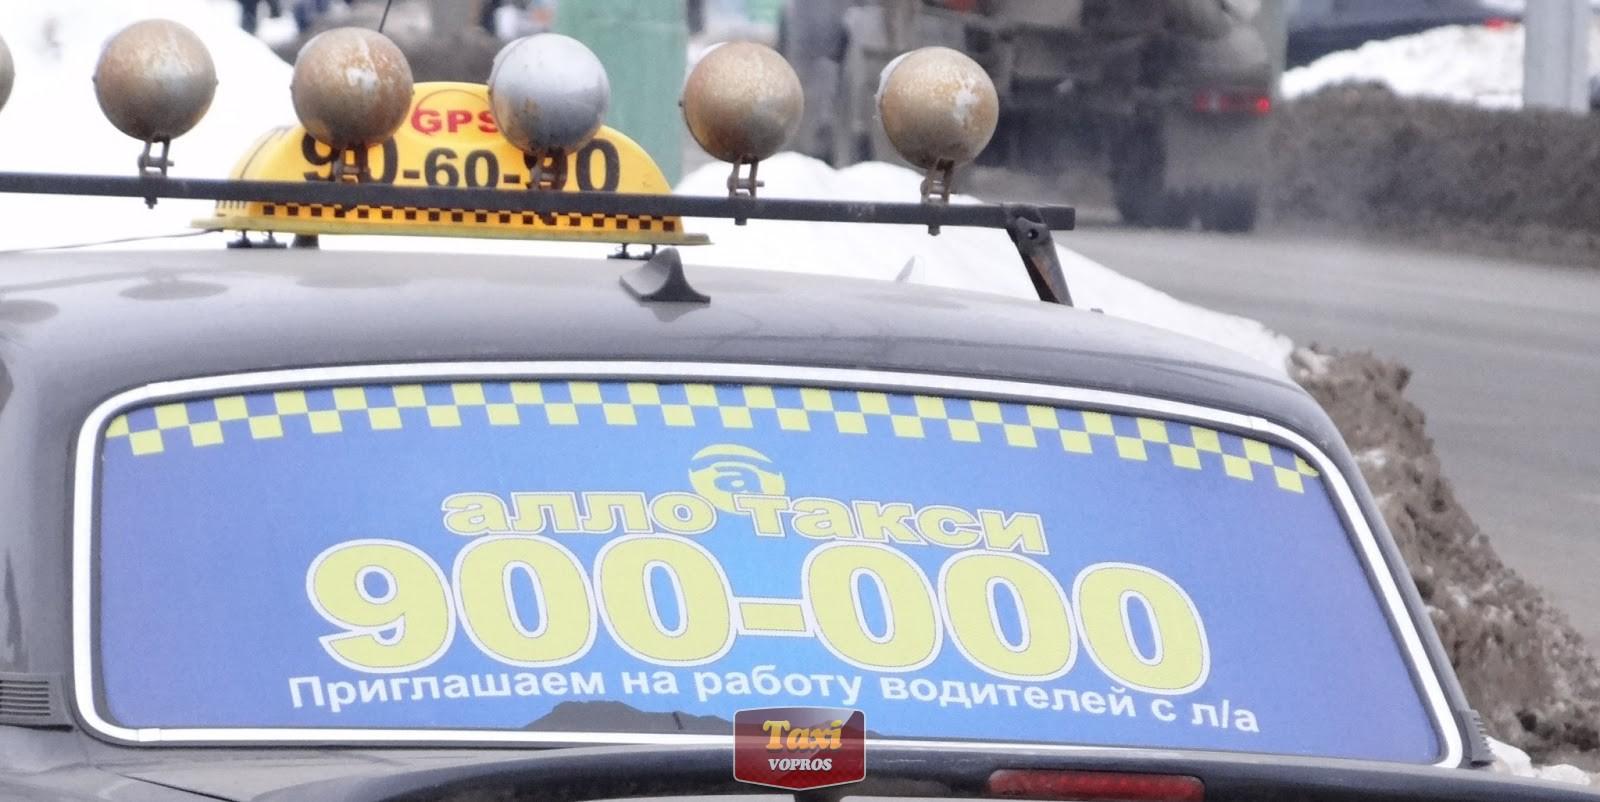 Такси 571 — самое дешевое такси в Киеве. Дешевле только ...